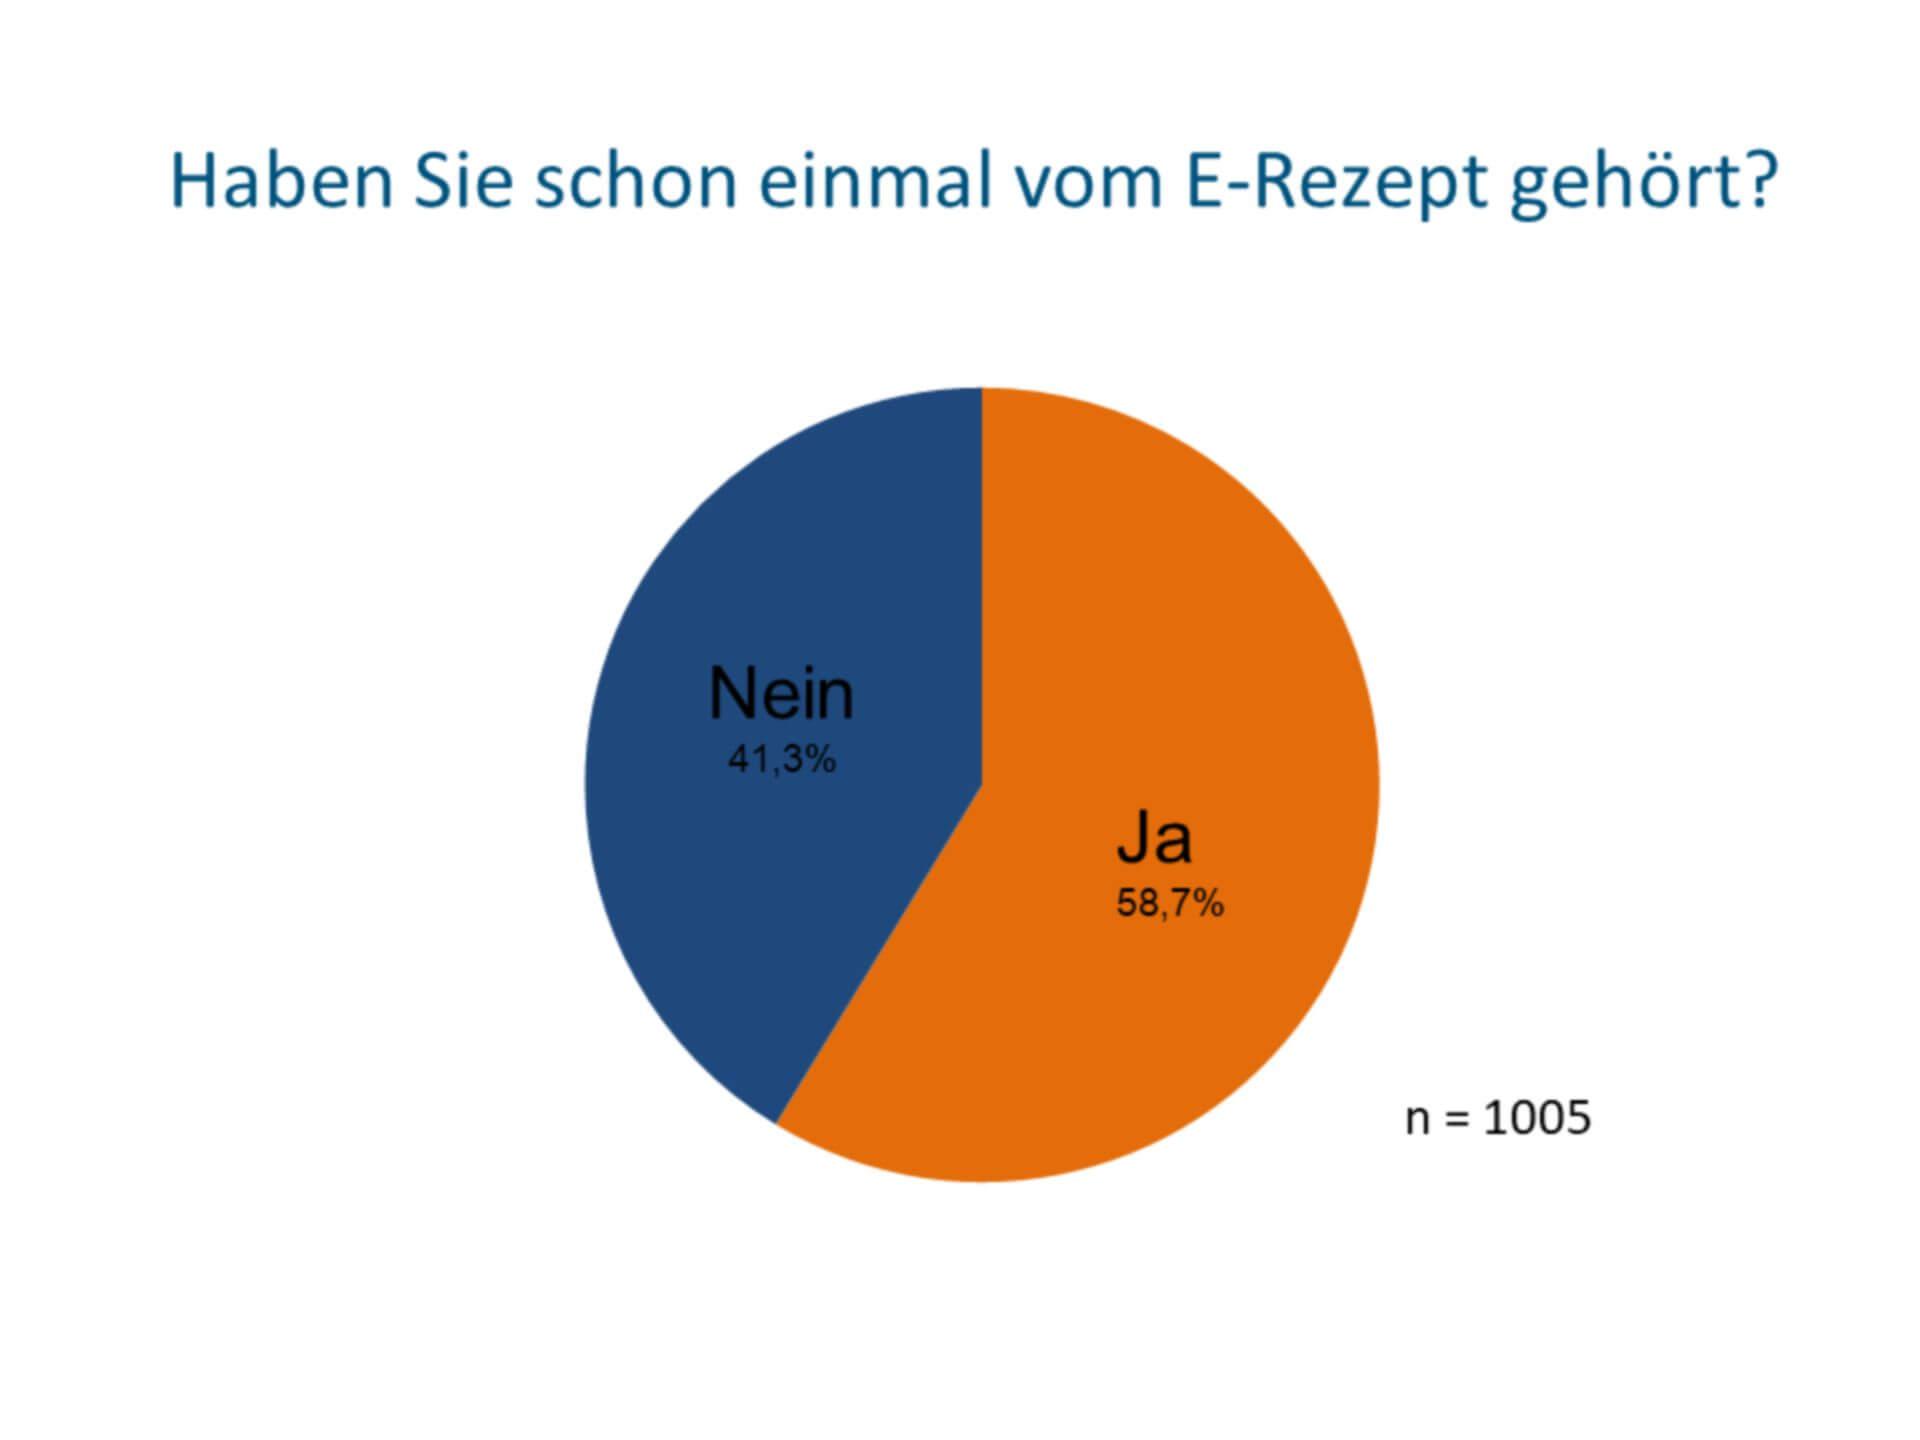 4 von 10 Deutschen haben noch nichts vom E-Rezept gehört (c) Socialwave GmbH